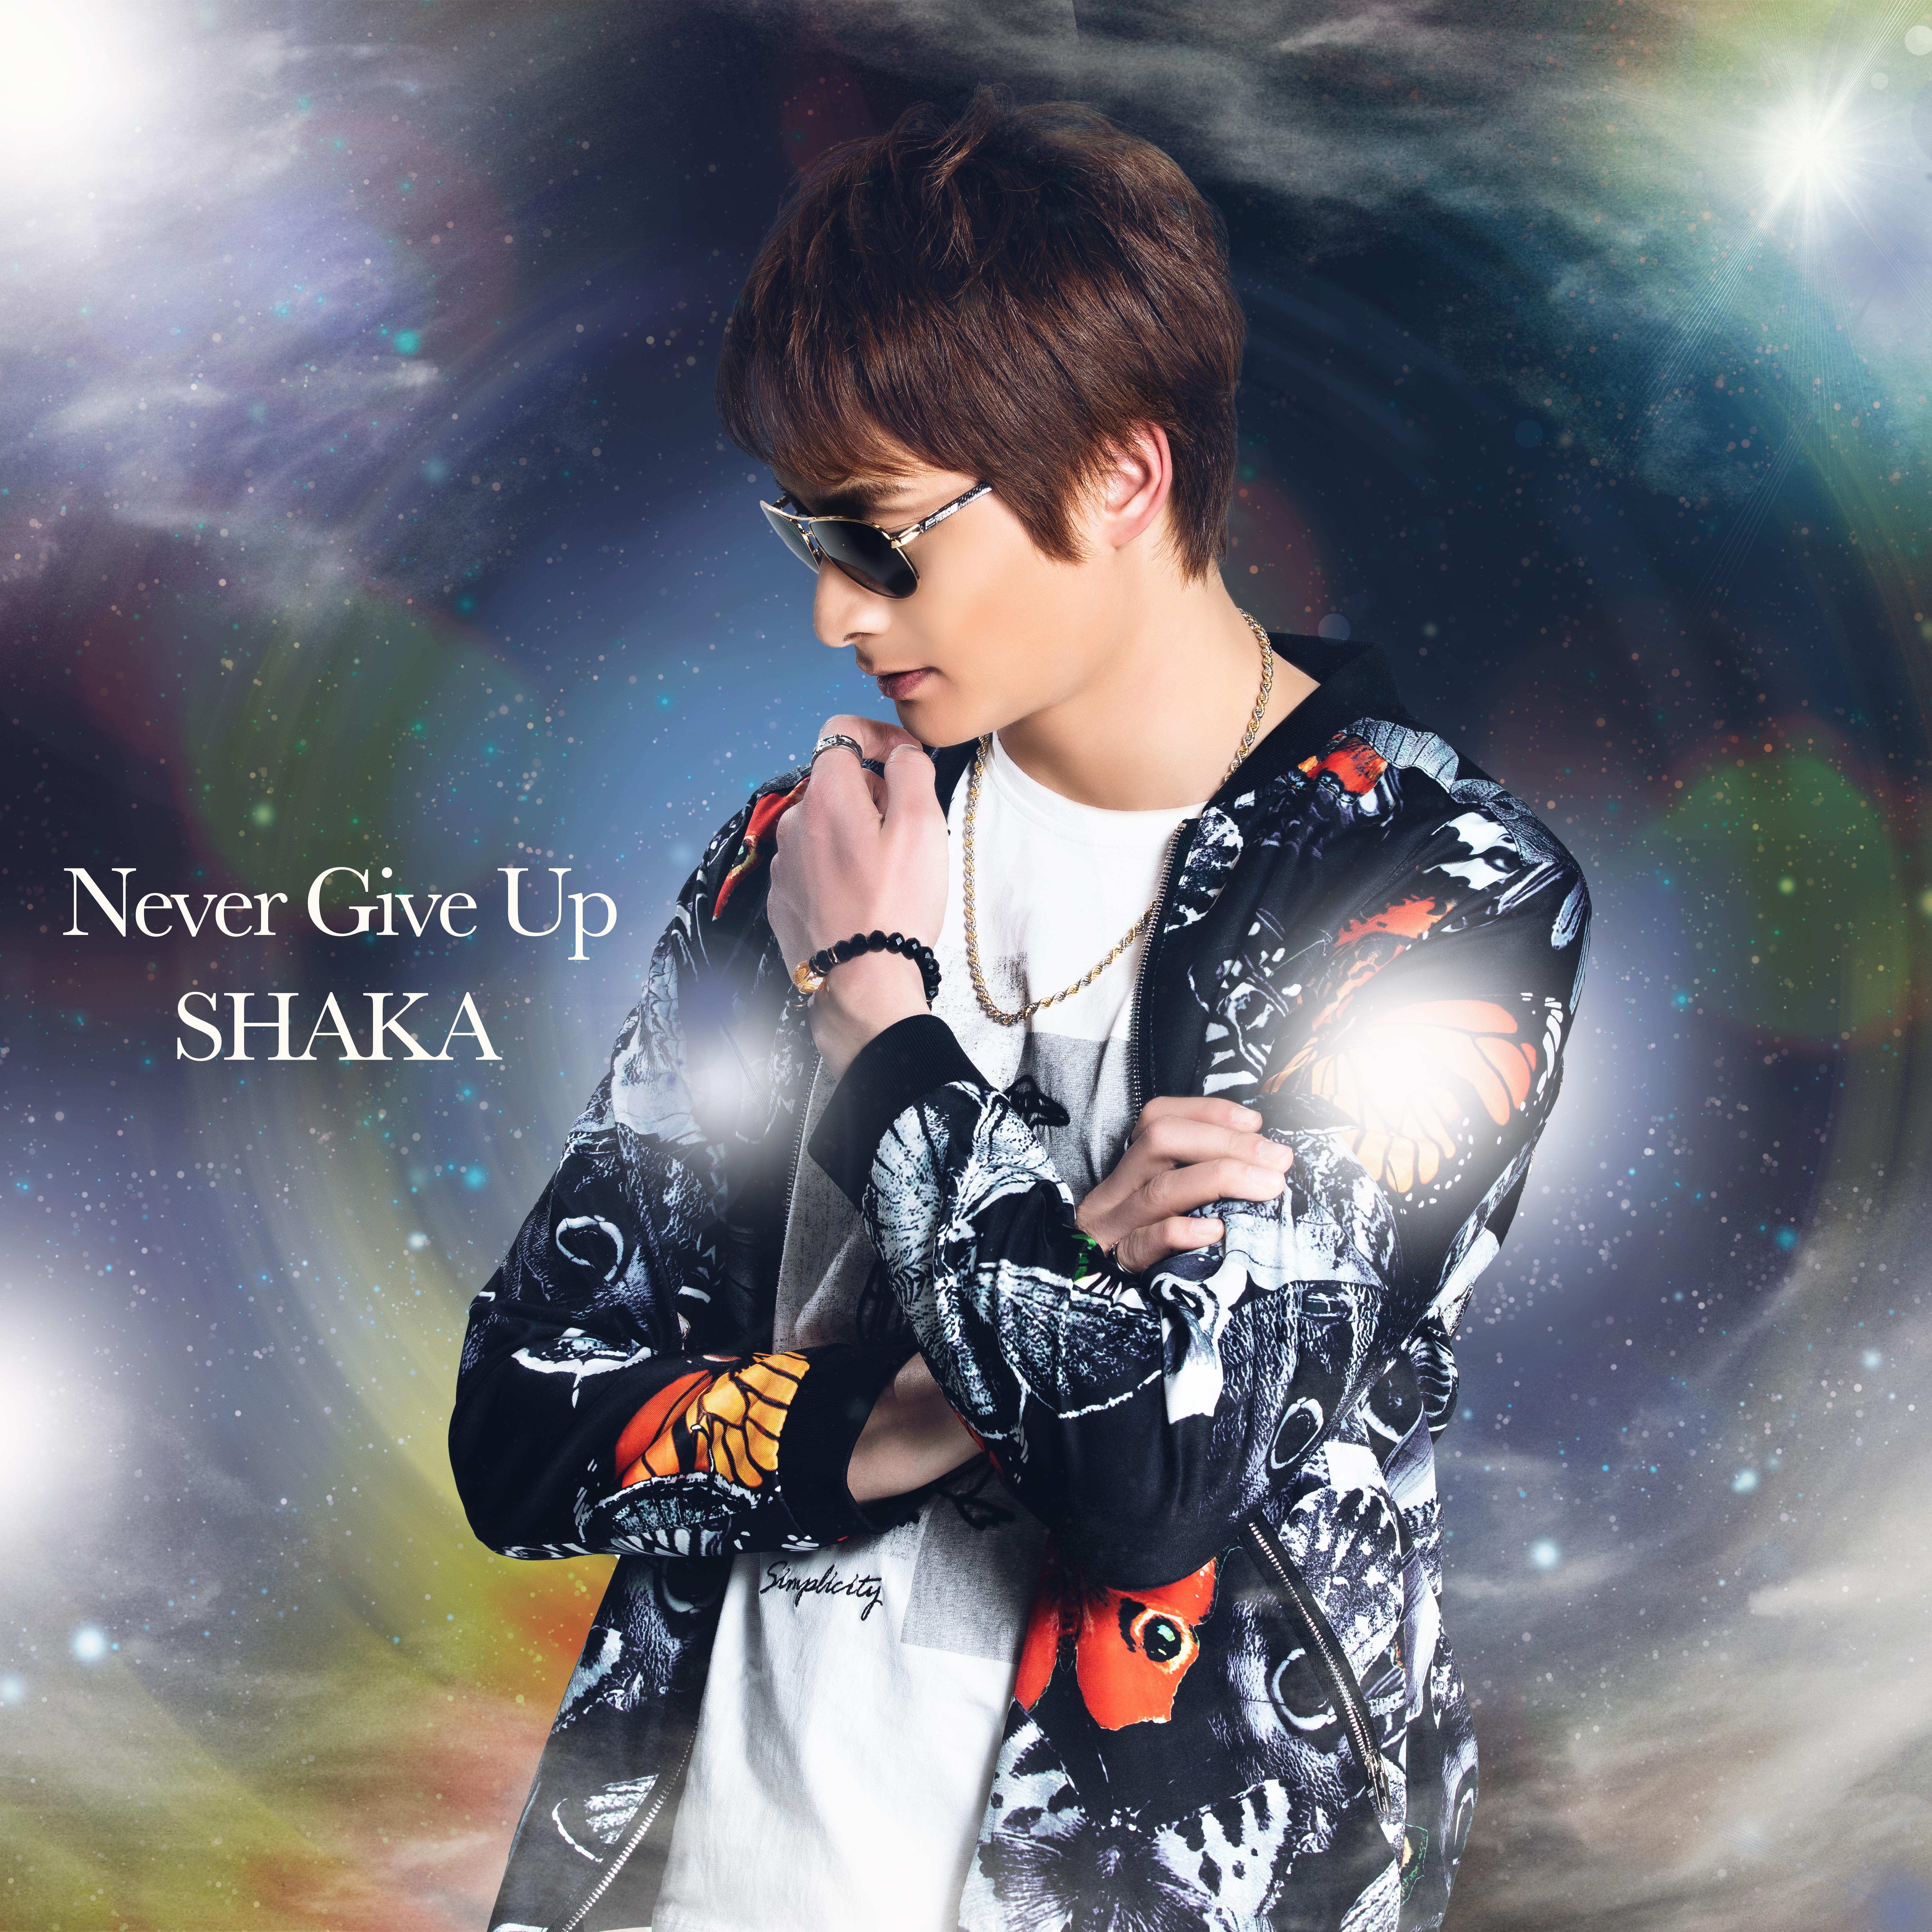 SHAKA Never Give Up